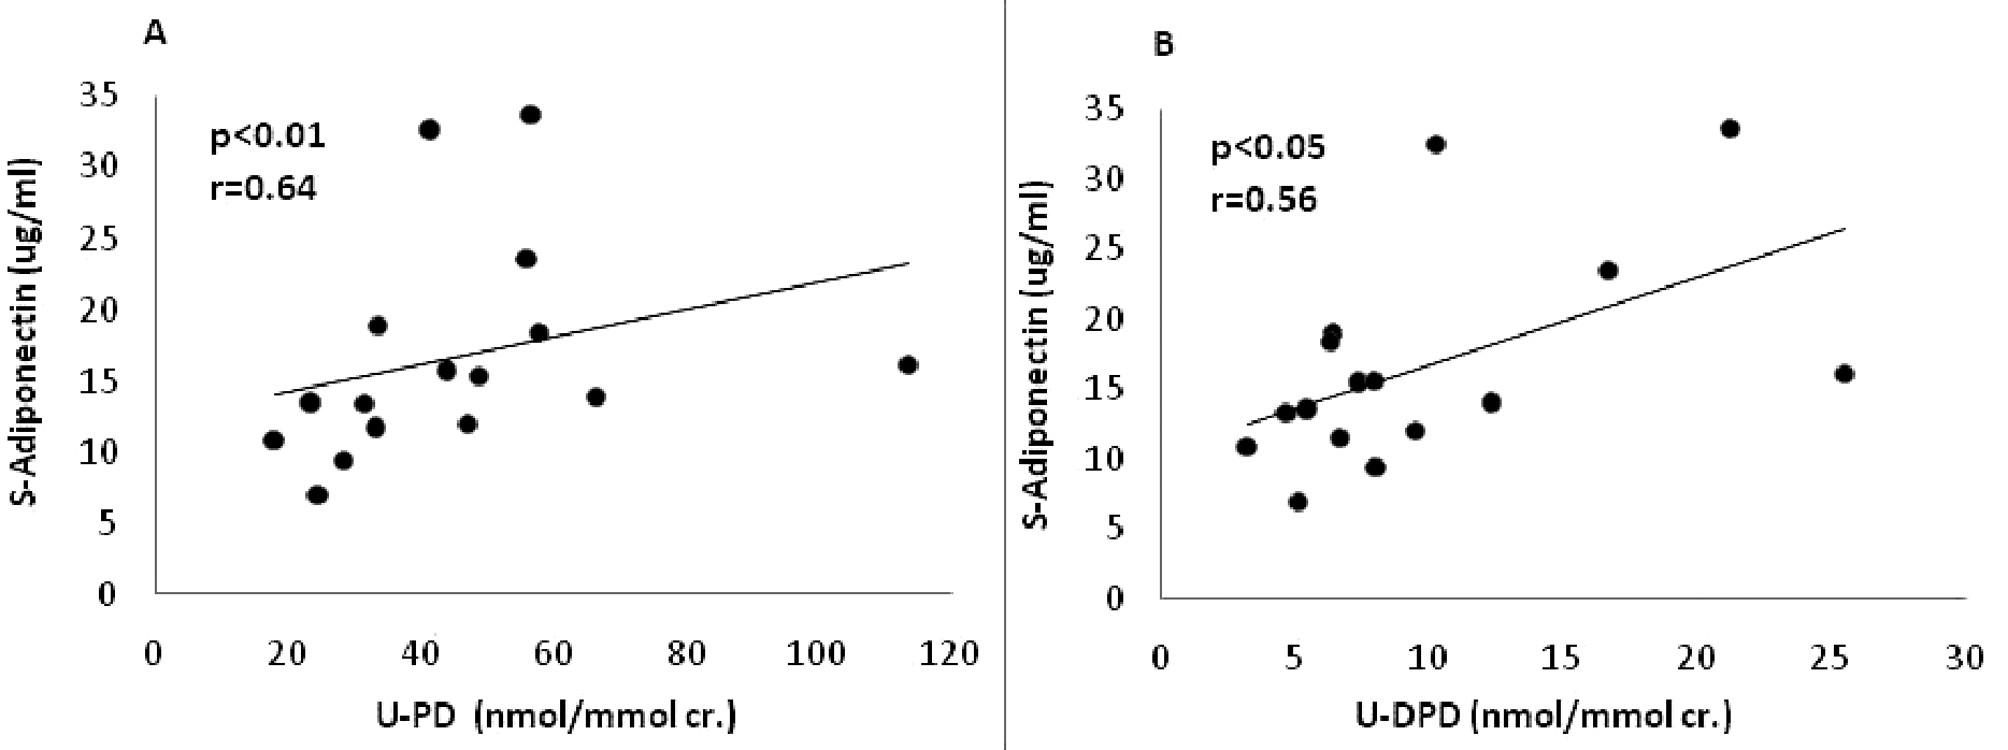 Pozitivní korelace mezi sérovými koncentracemi adiponectinu a koncentracemi markerů degradace kolagenu v moči – pyridinolin (U-PD) (A) a deoxypyridinolin (U-DPD) (B).